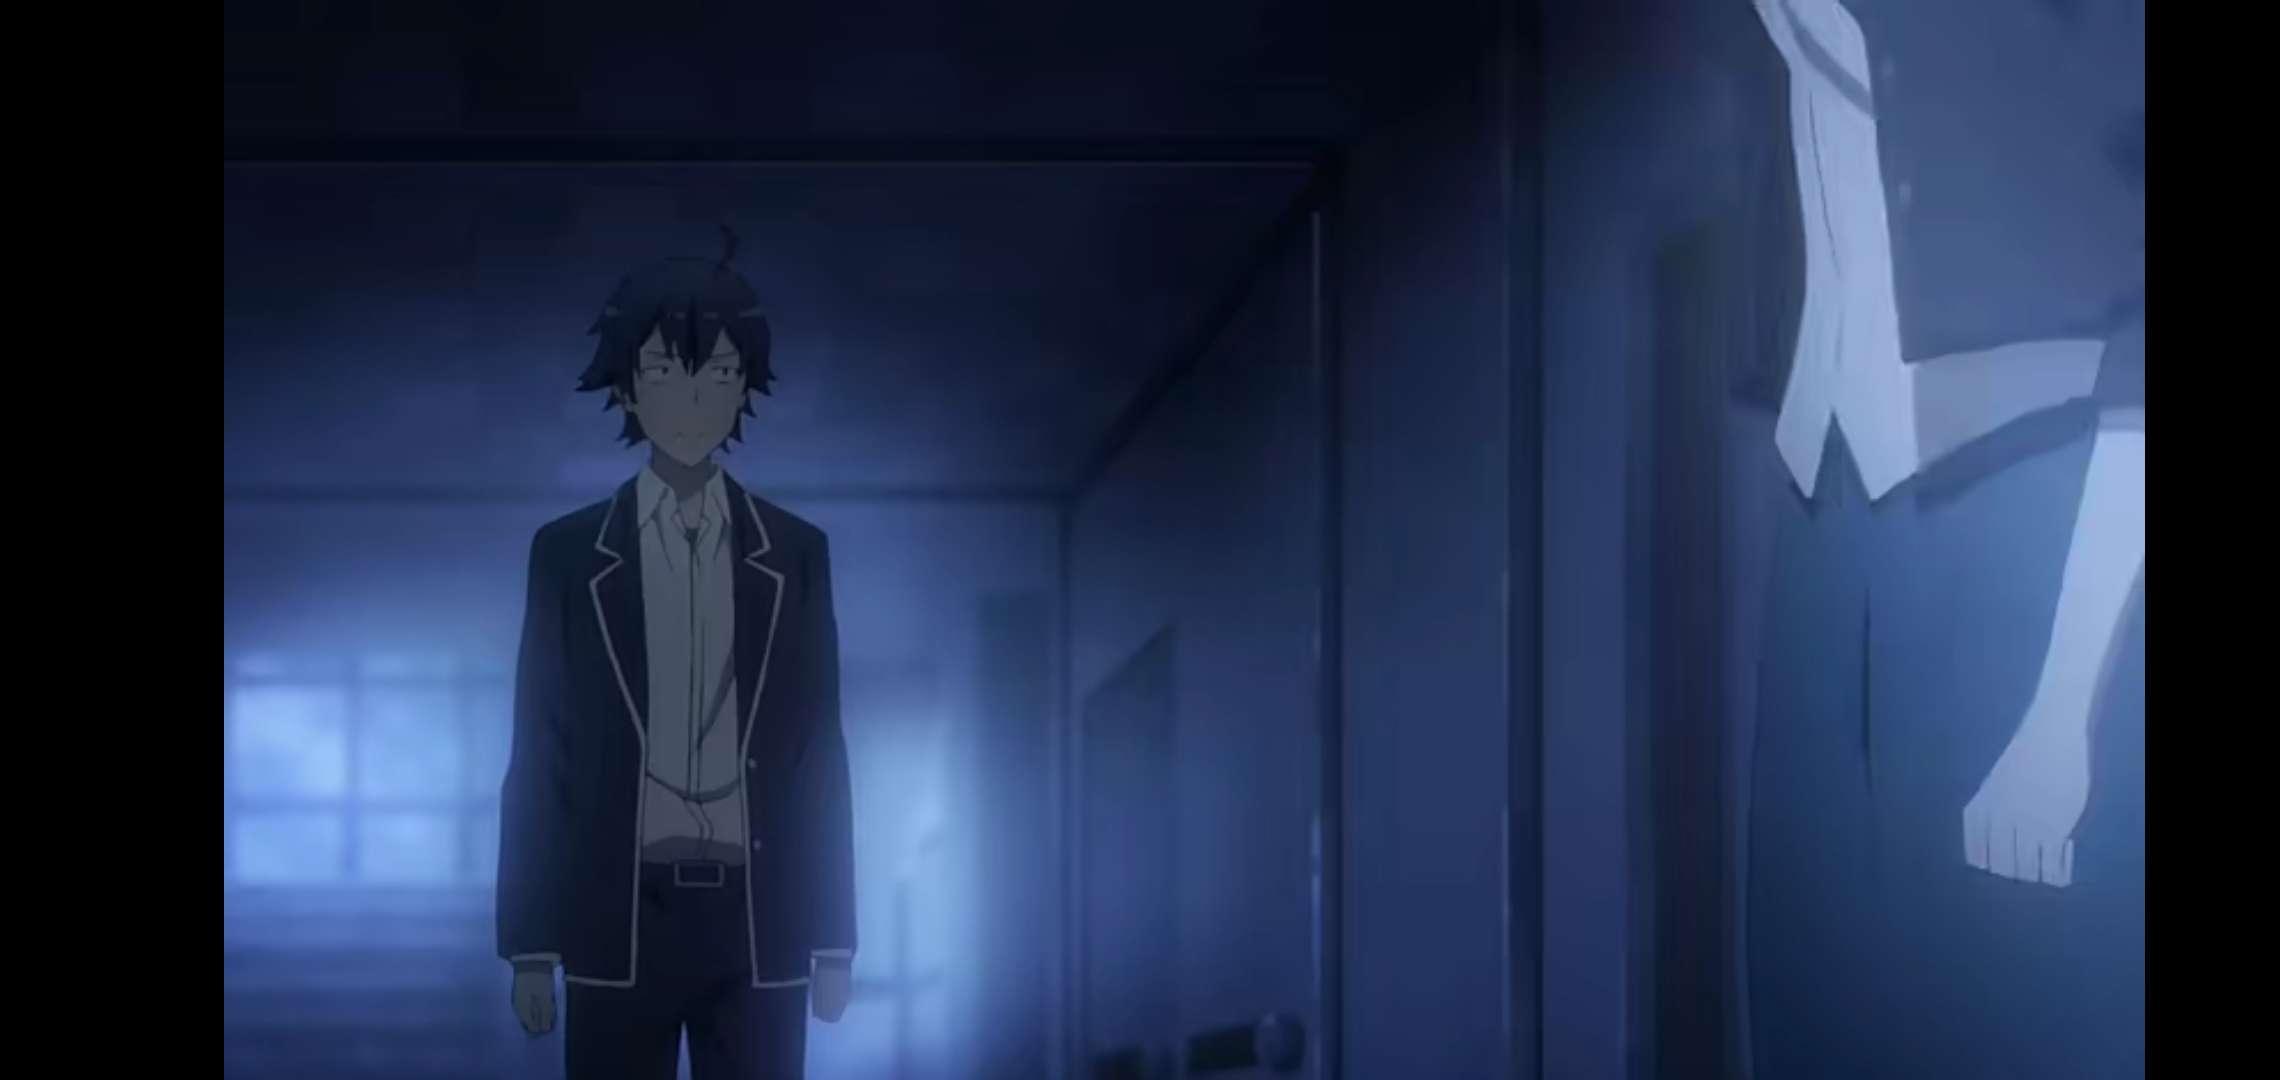 【动漫更新】我的青春恋爱物语果然有问题第三季(9月11日任务帖)